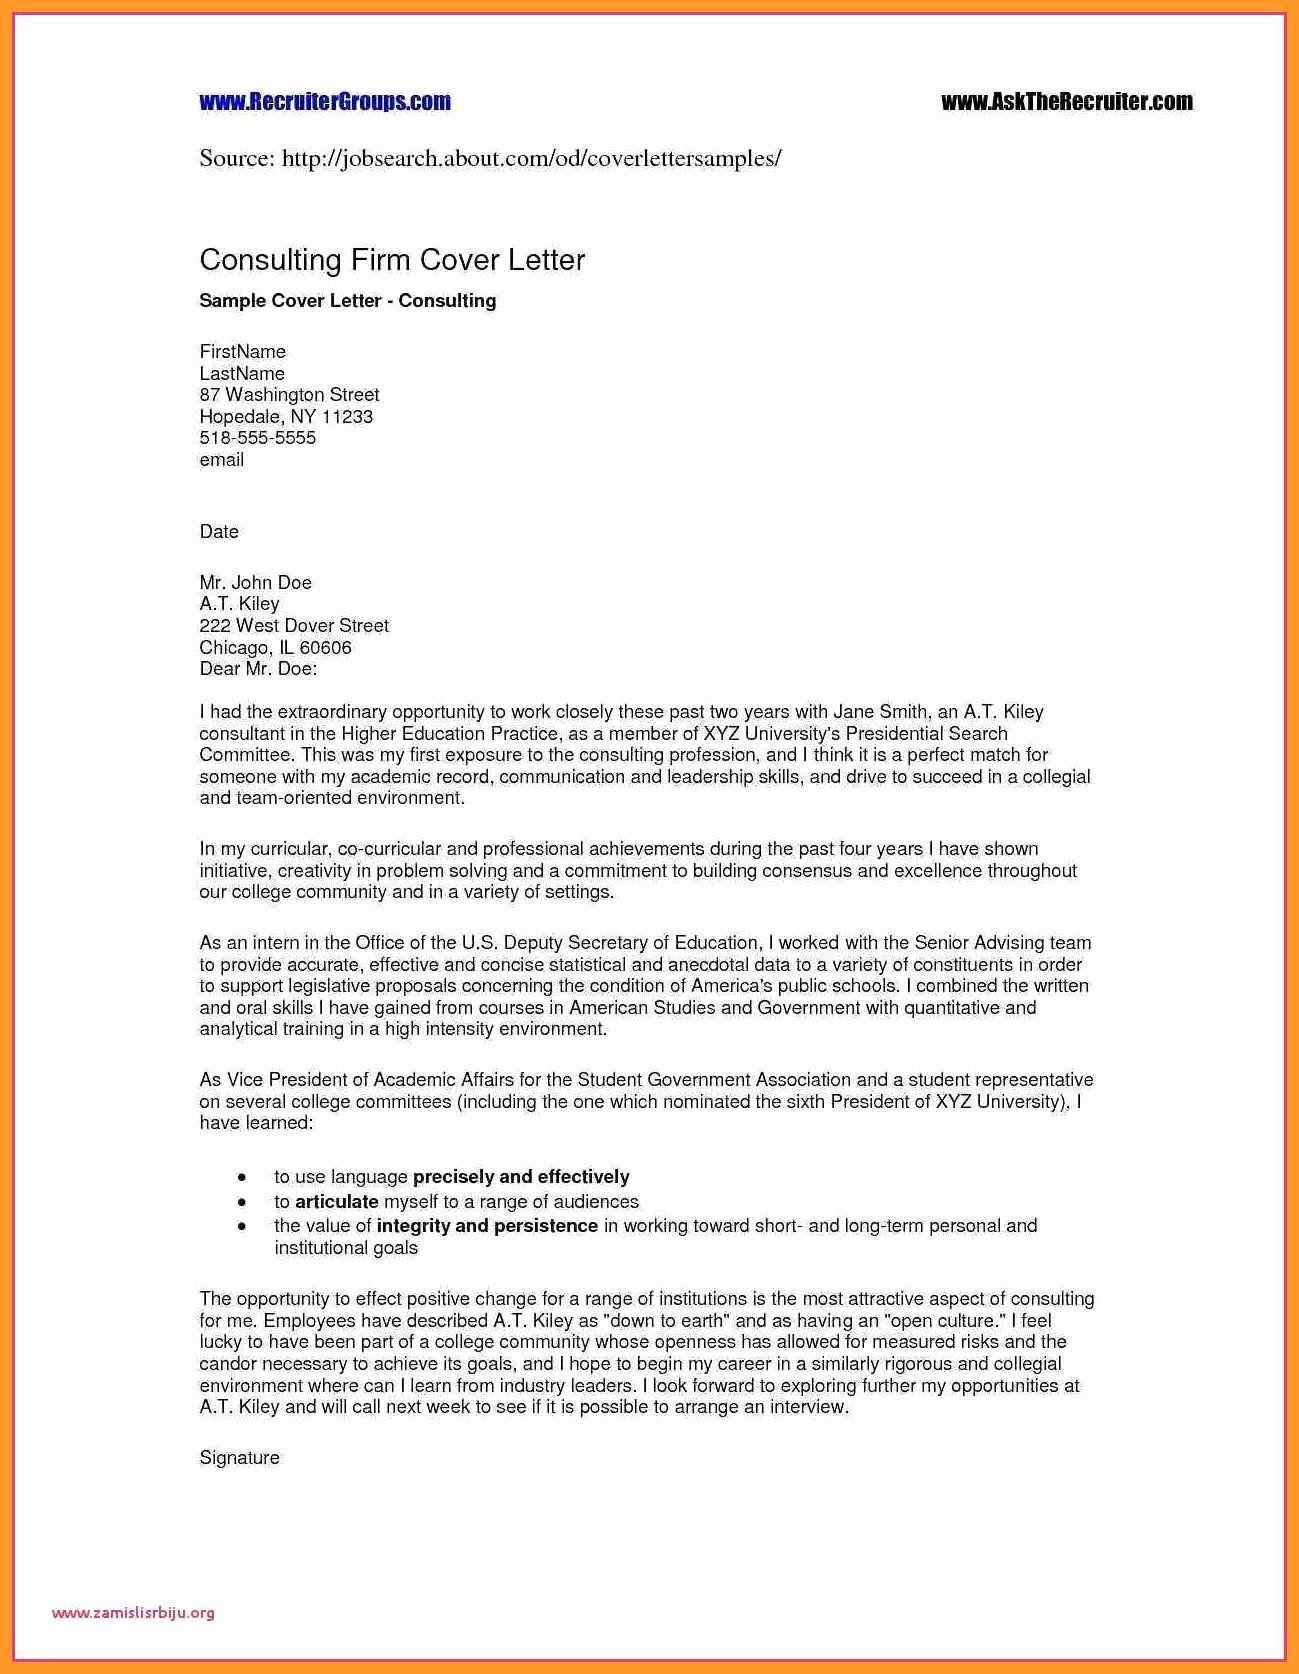 Entry Level Firefighter Resume Best Of 12 13 Firefighter Cover Letter Samples In 2020 Job Cover Letter Examples Cover Letter For Resume Job Cover Letter